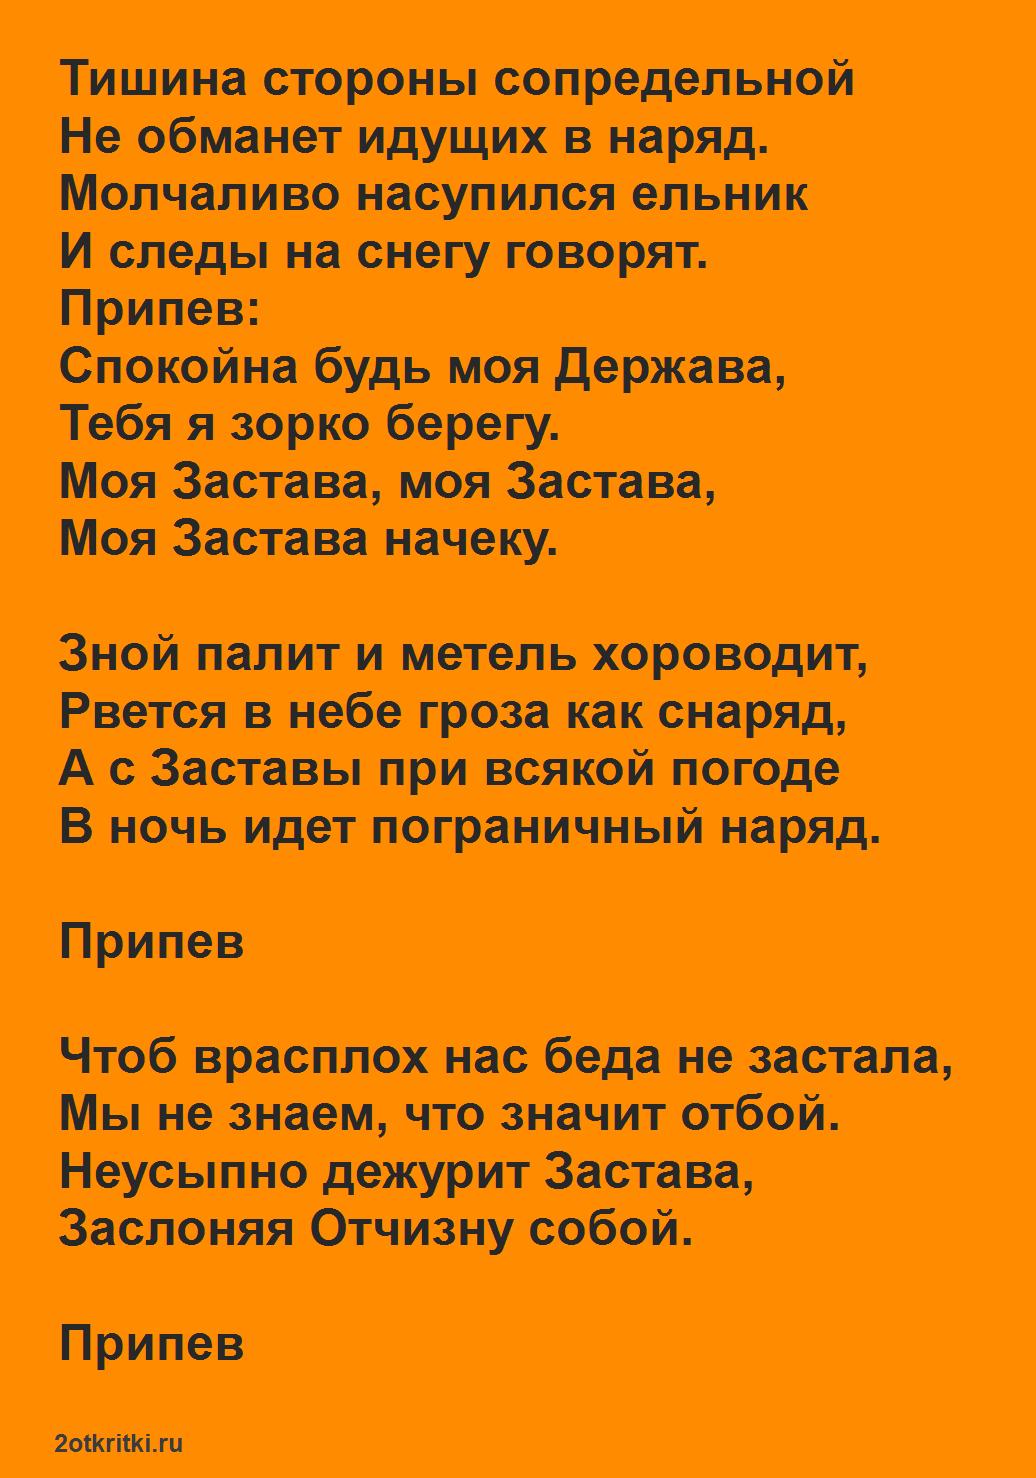 Песни на день пограничника скачать бесплатно - Дорогая моя столица